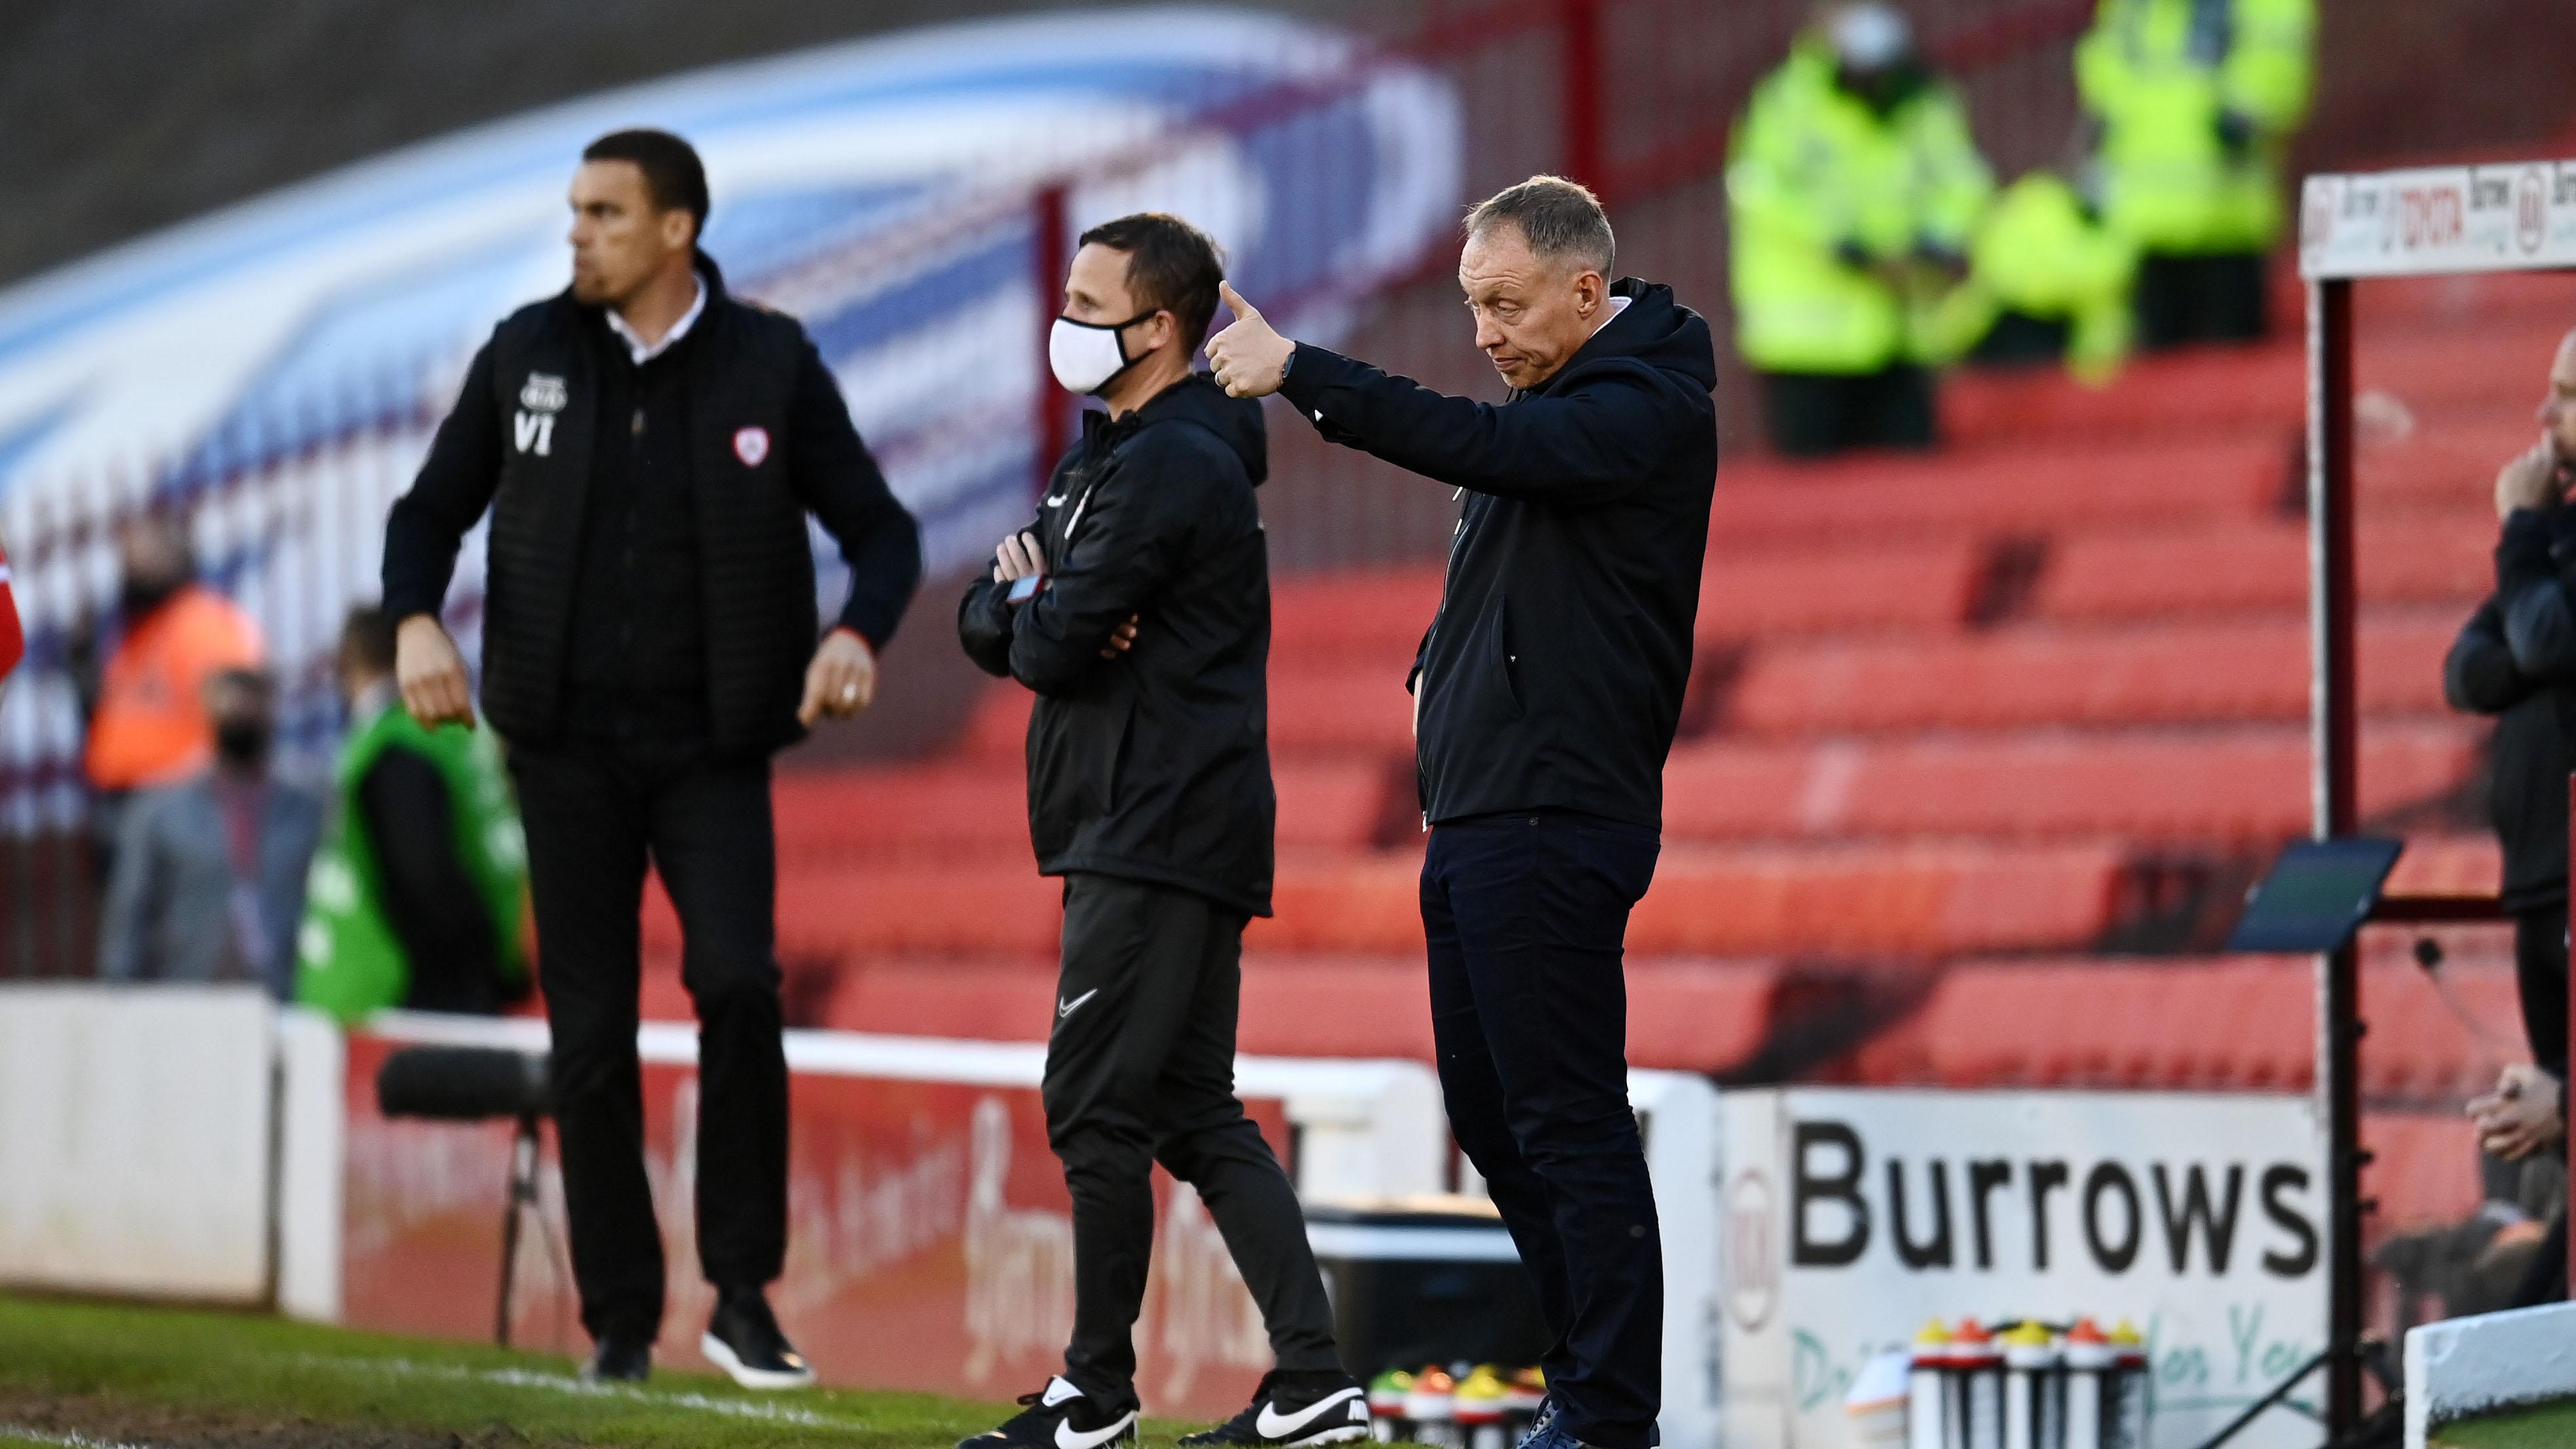 Barnsley away PO Steve Cooper